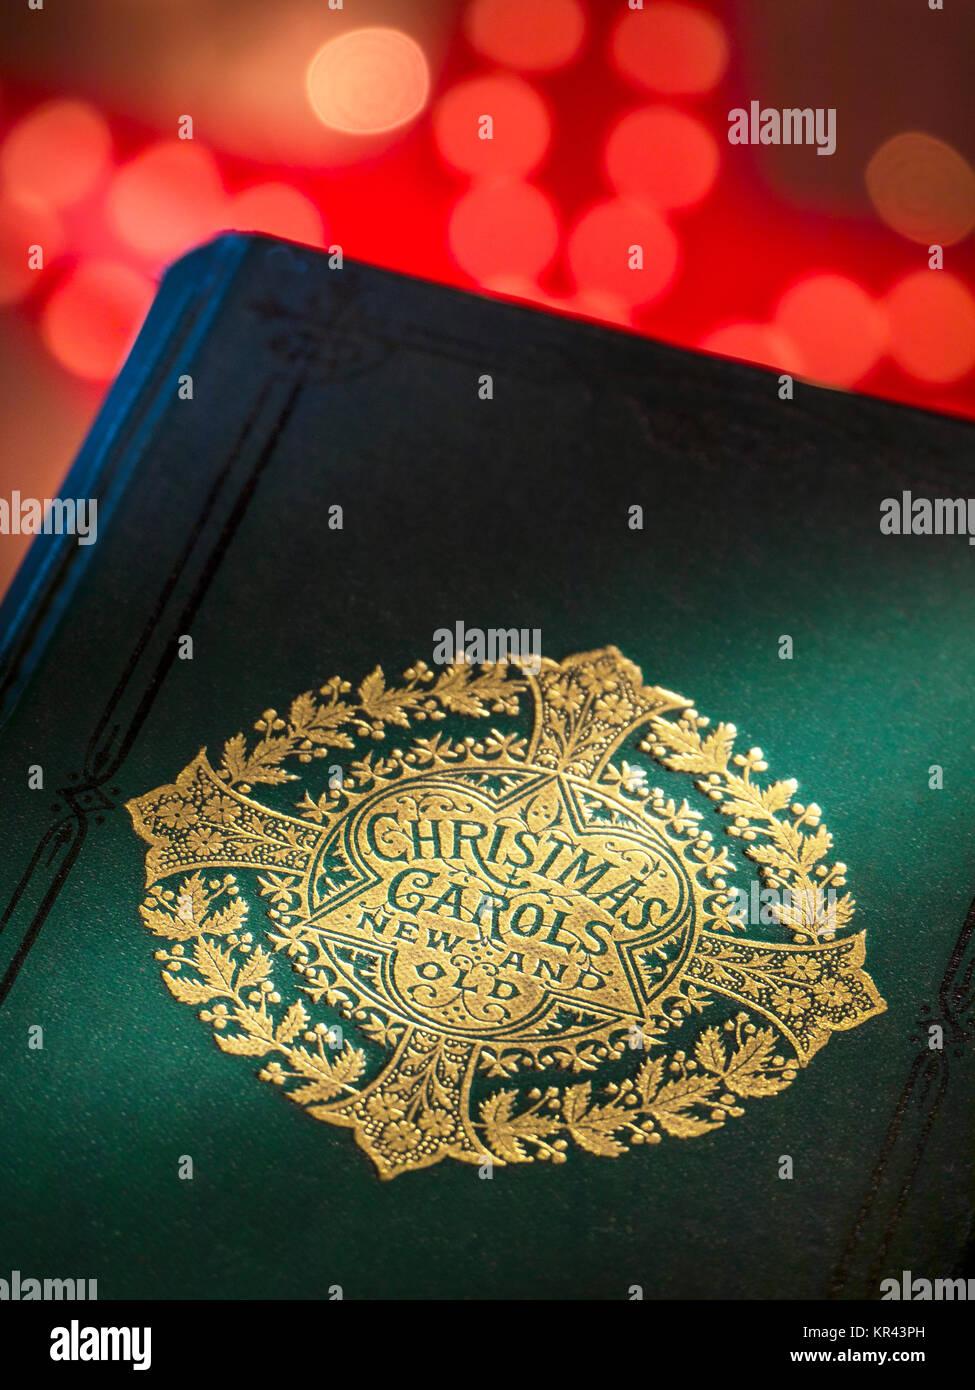 Traditionelle Weihnachtslieder Stockfotos & Traditionelle ...